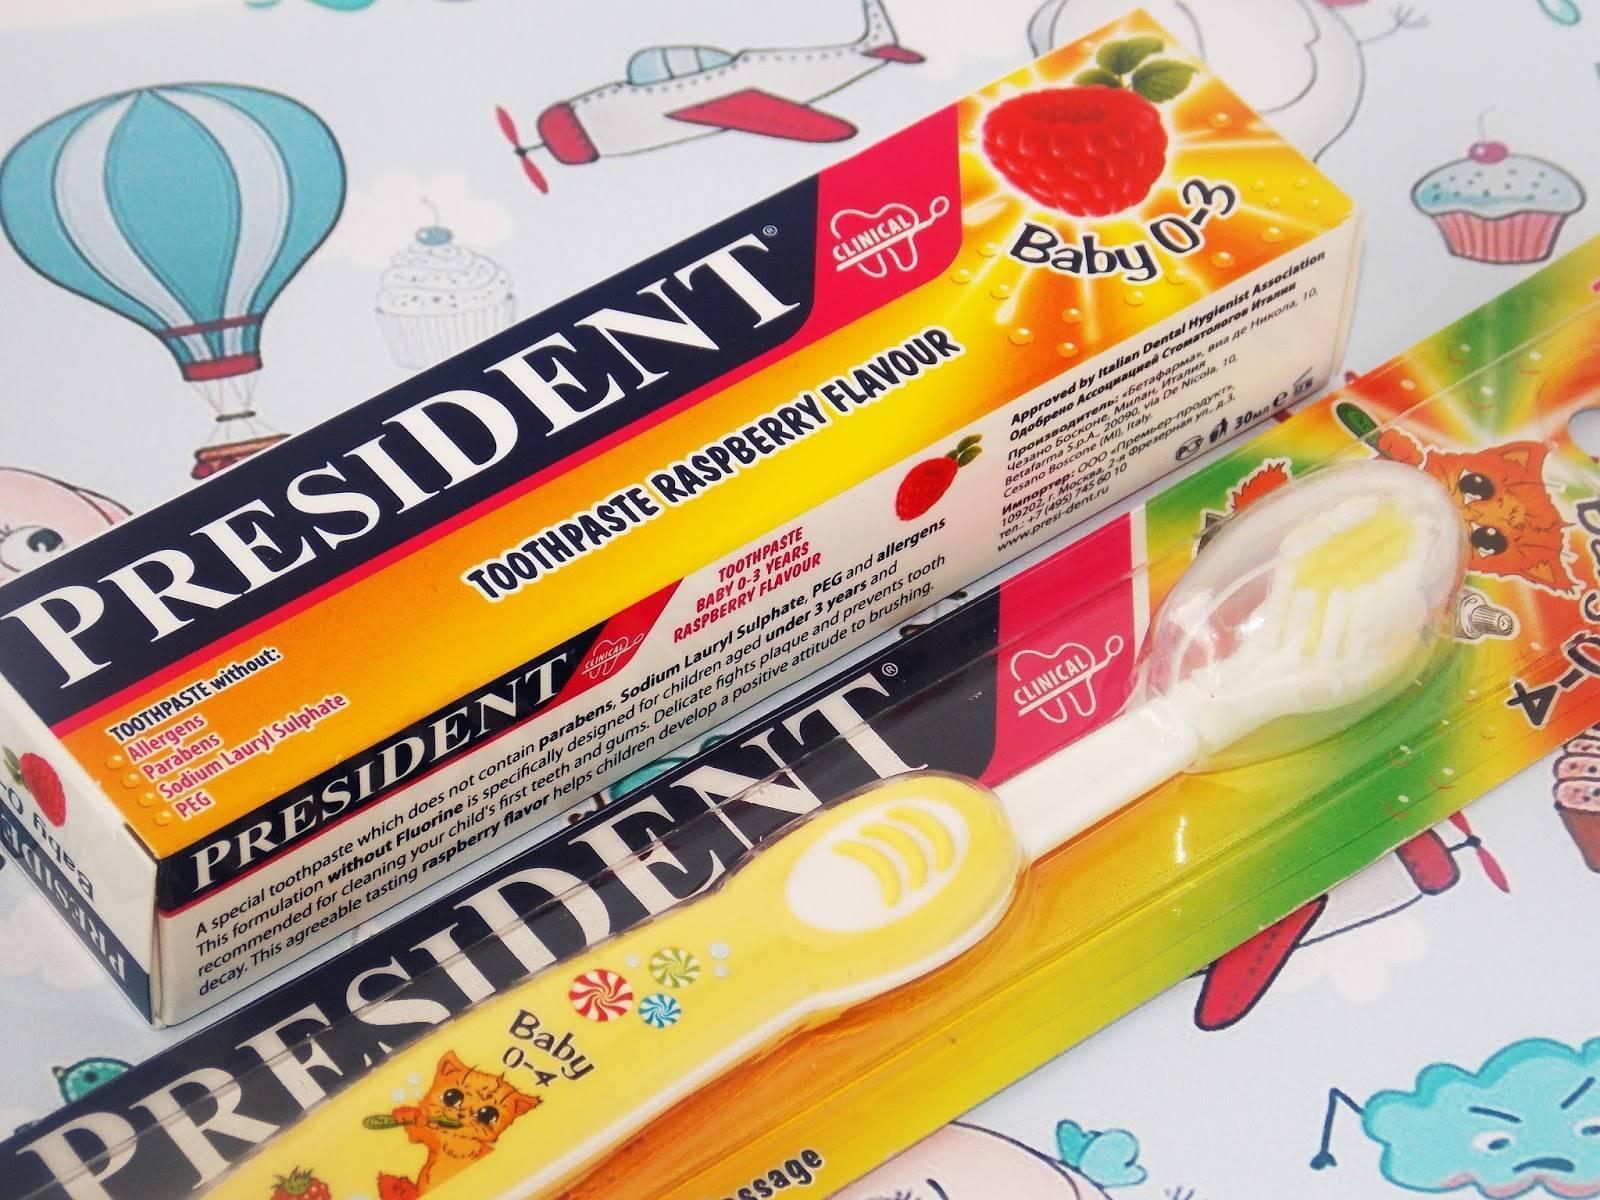 Рейтинг лучших зубных паст по мнению стоматологов: какие марки рекомендуют, выбор